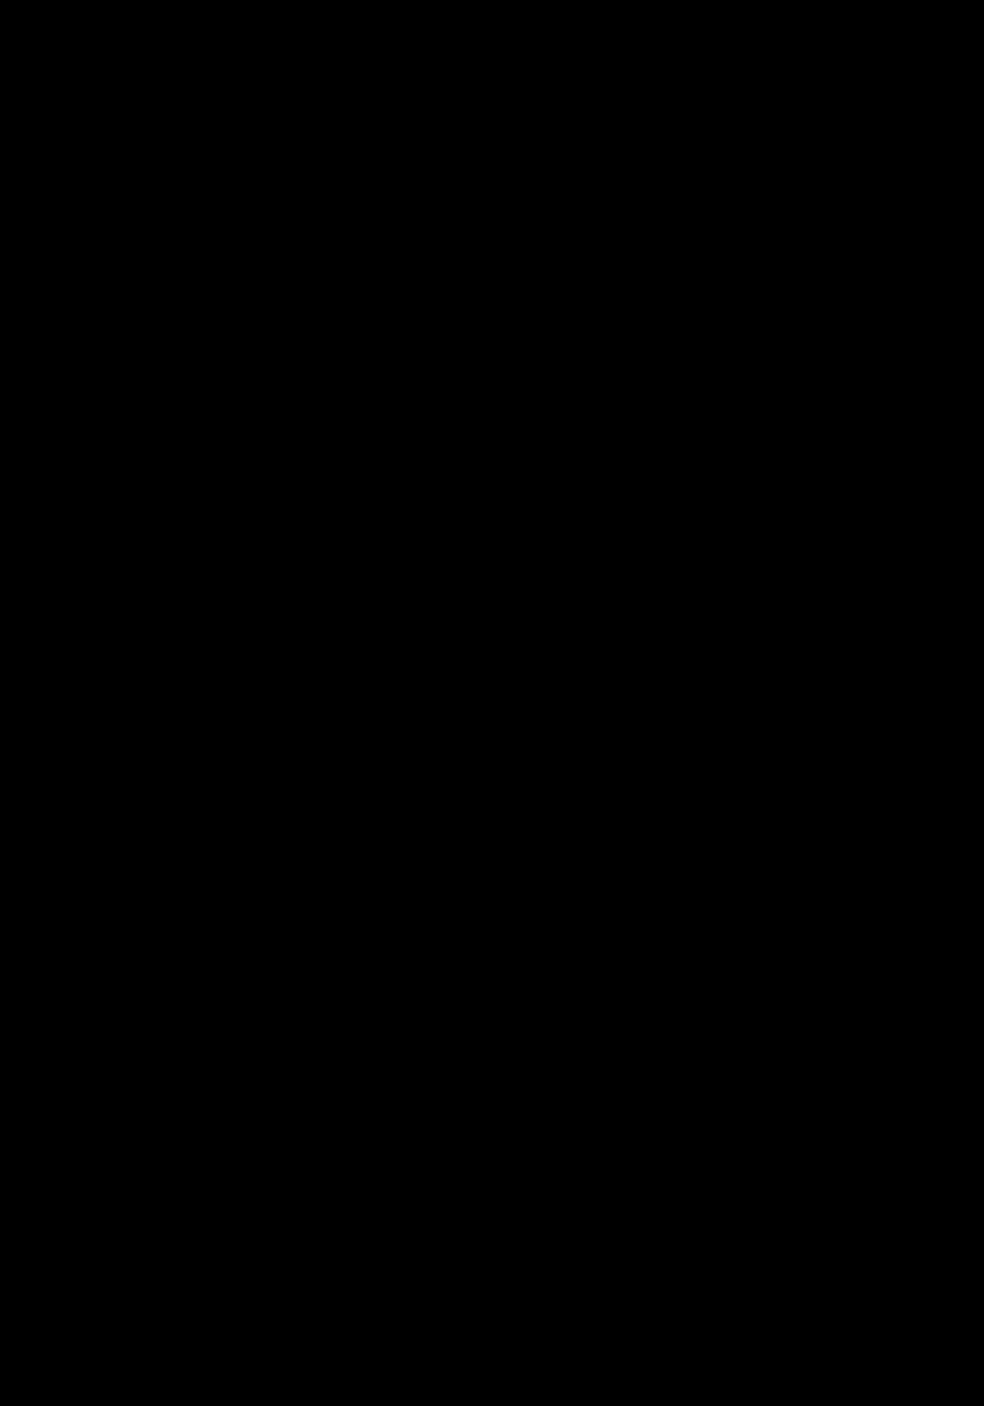 石井楷書 NL-A 縦組見本